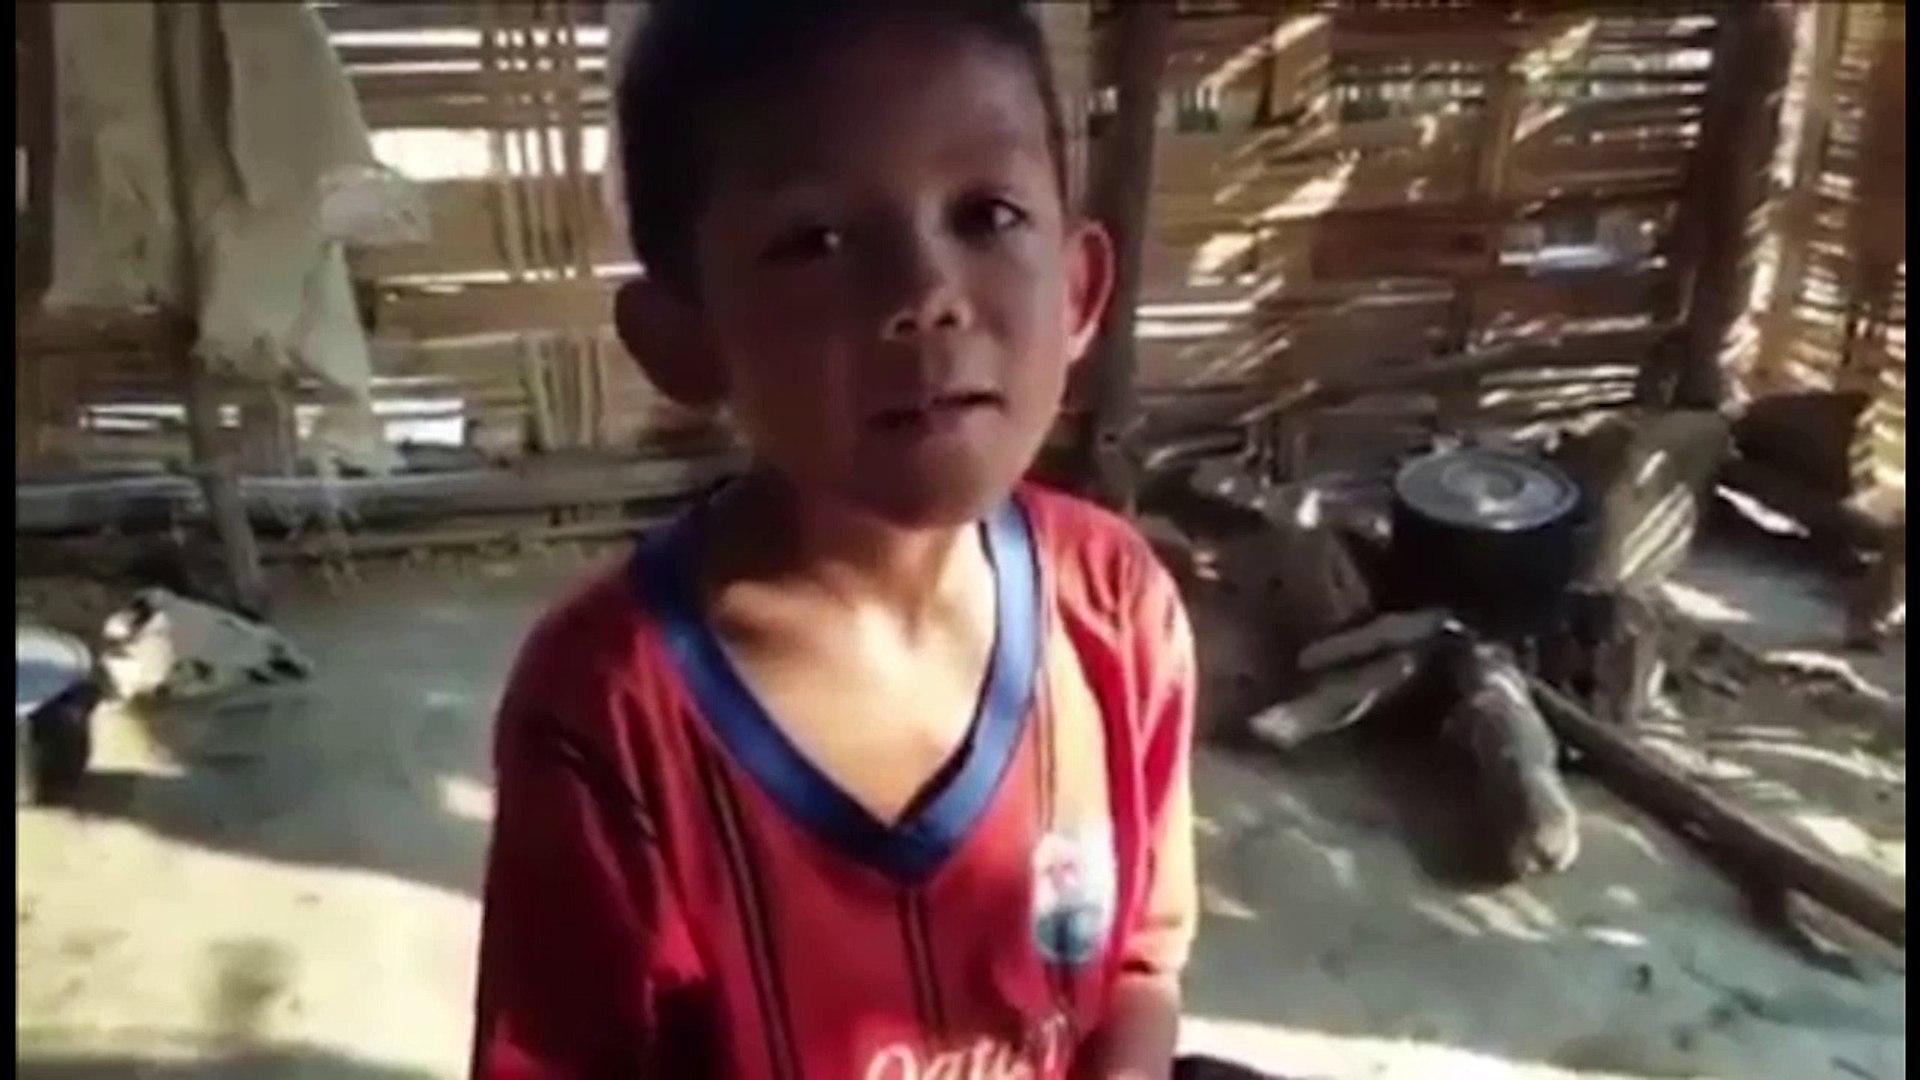 Cậu bé 8 tuổi đơn côi trong căn nhà hoang và câu chuyện cổ tích mang tên tình người